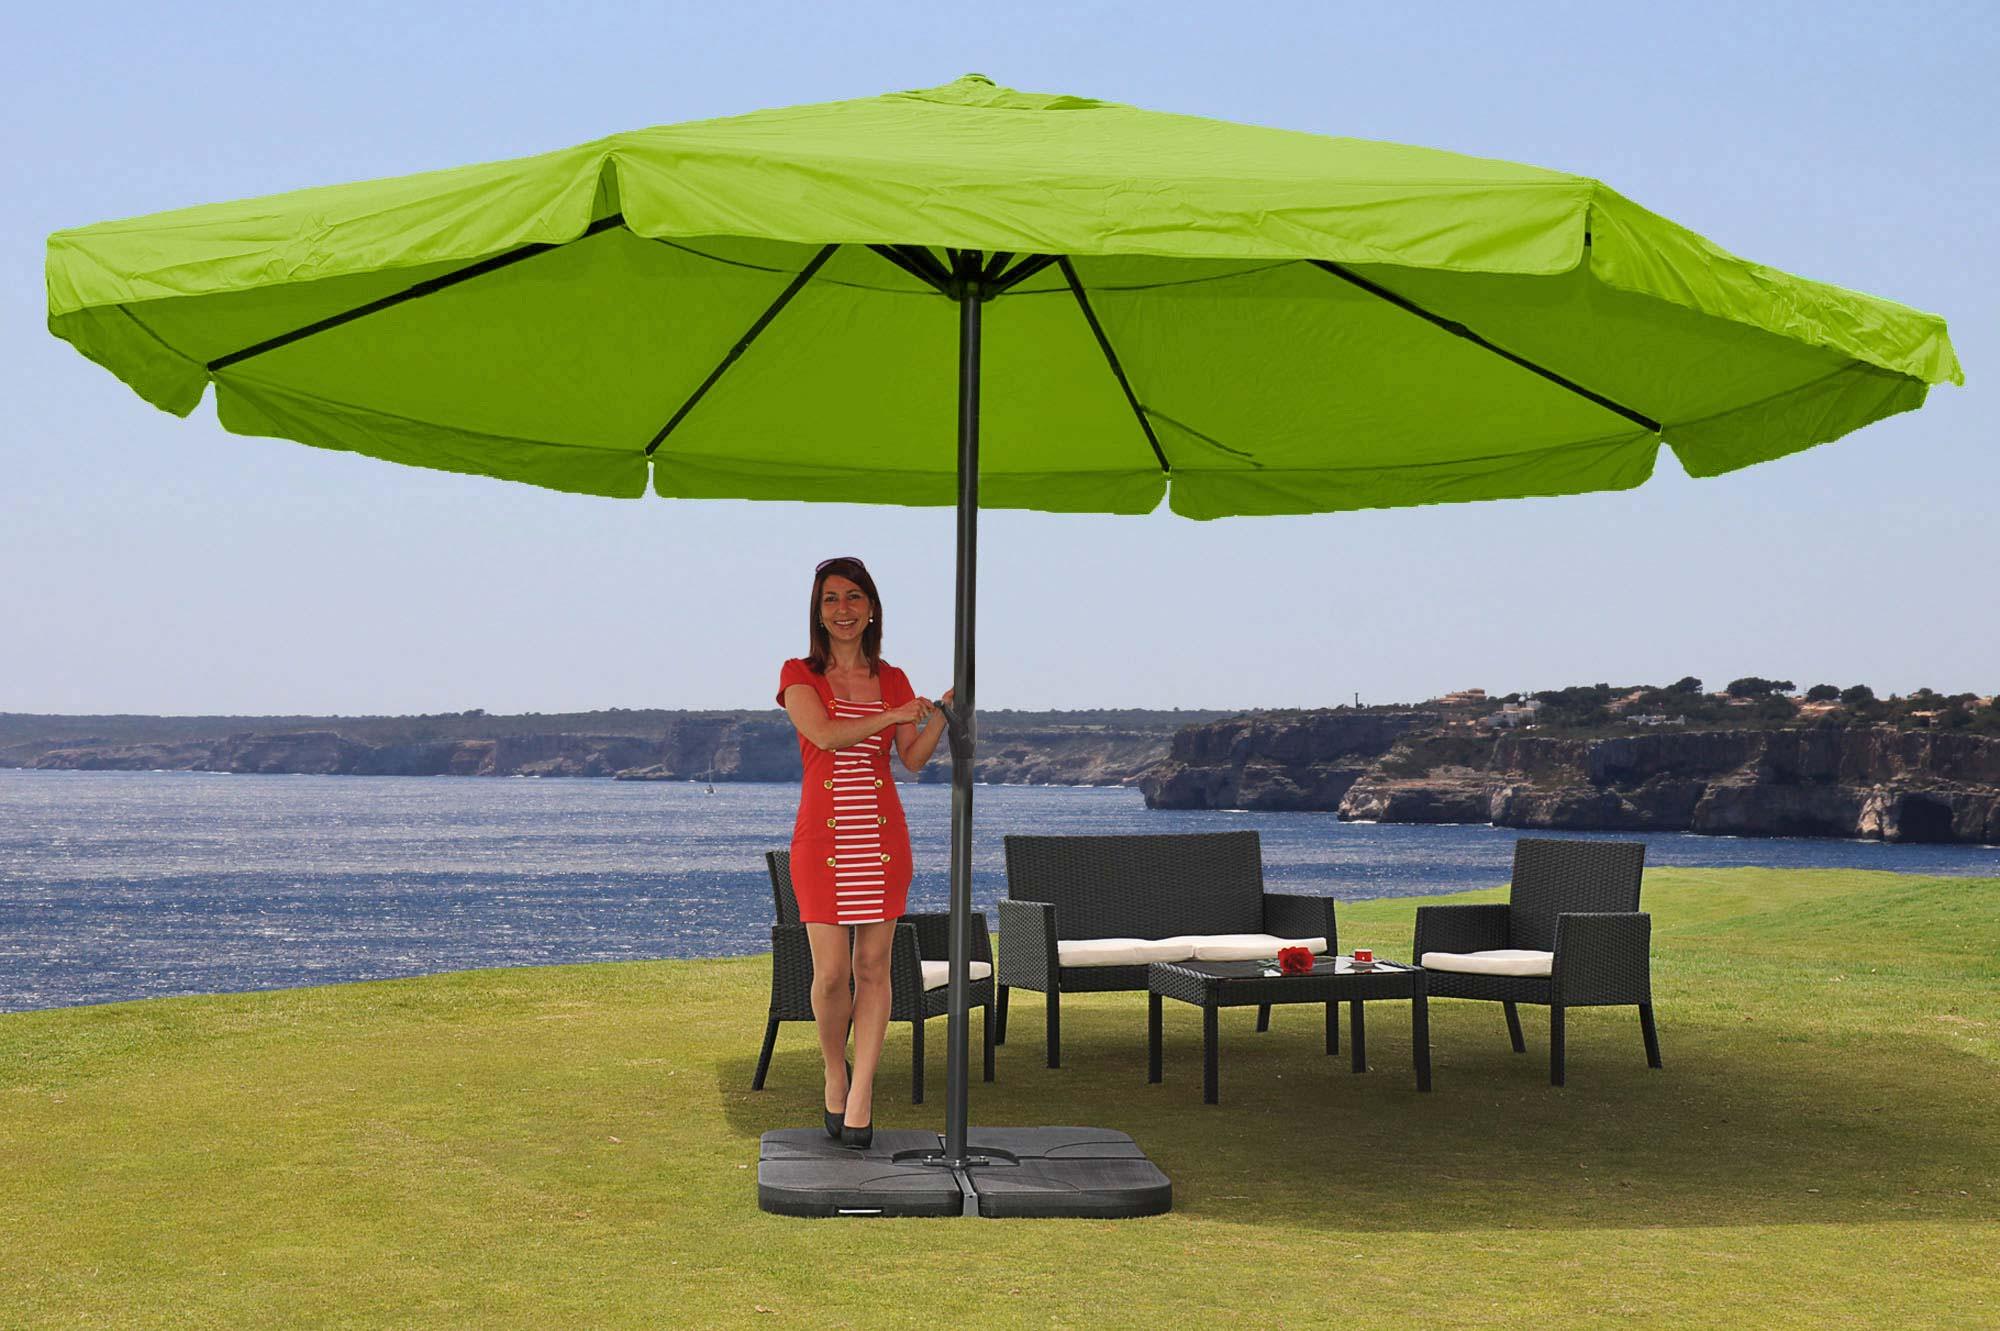 alu sonnenschirm meran pro gastronomie marktschirm mit volant 5m gr n mit st nder garten. Black Bedroom Furniture Sets. Home Design Ideas